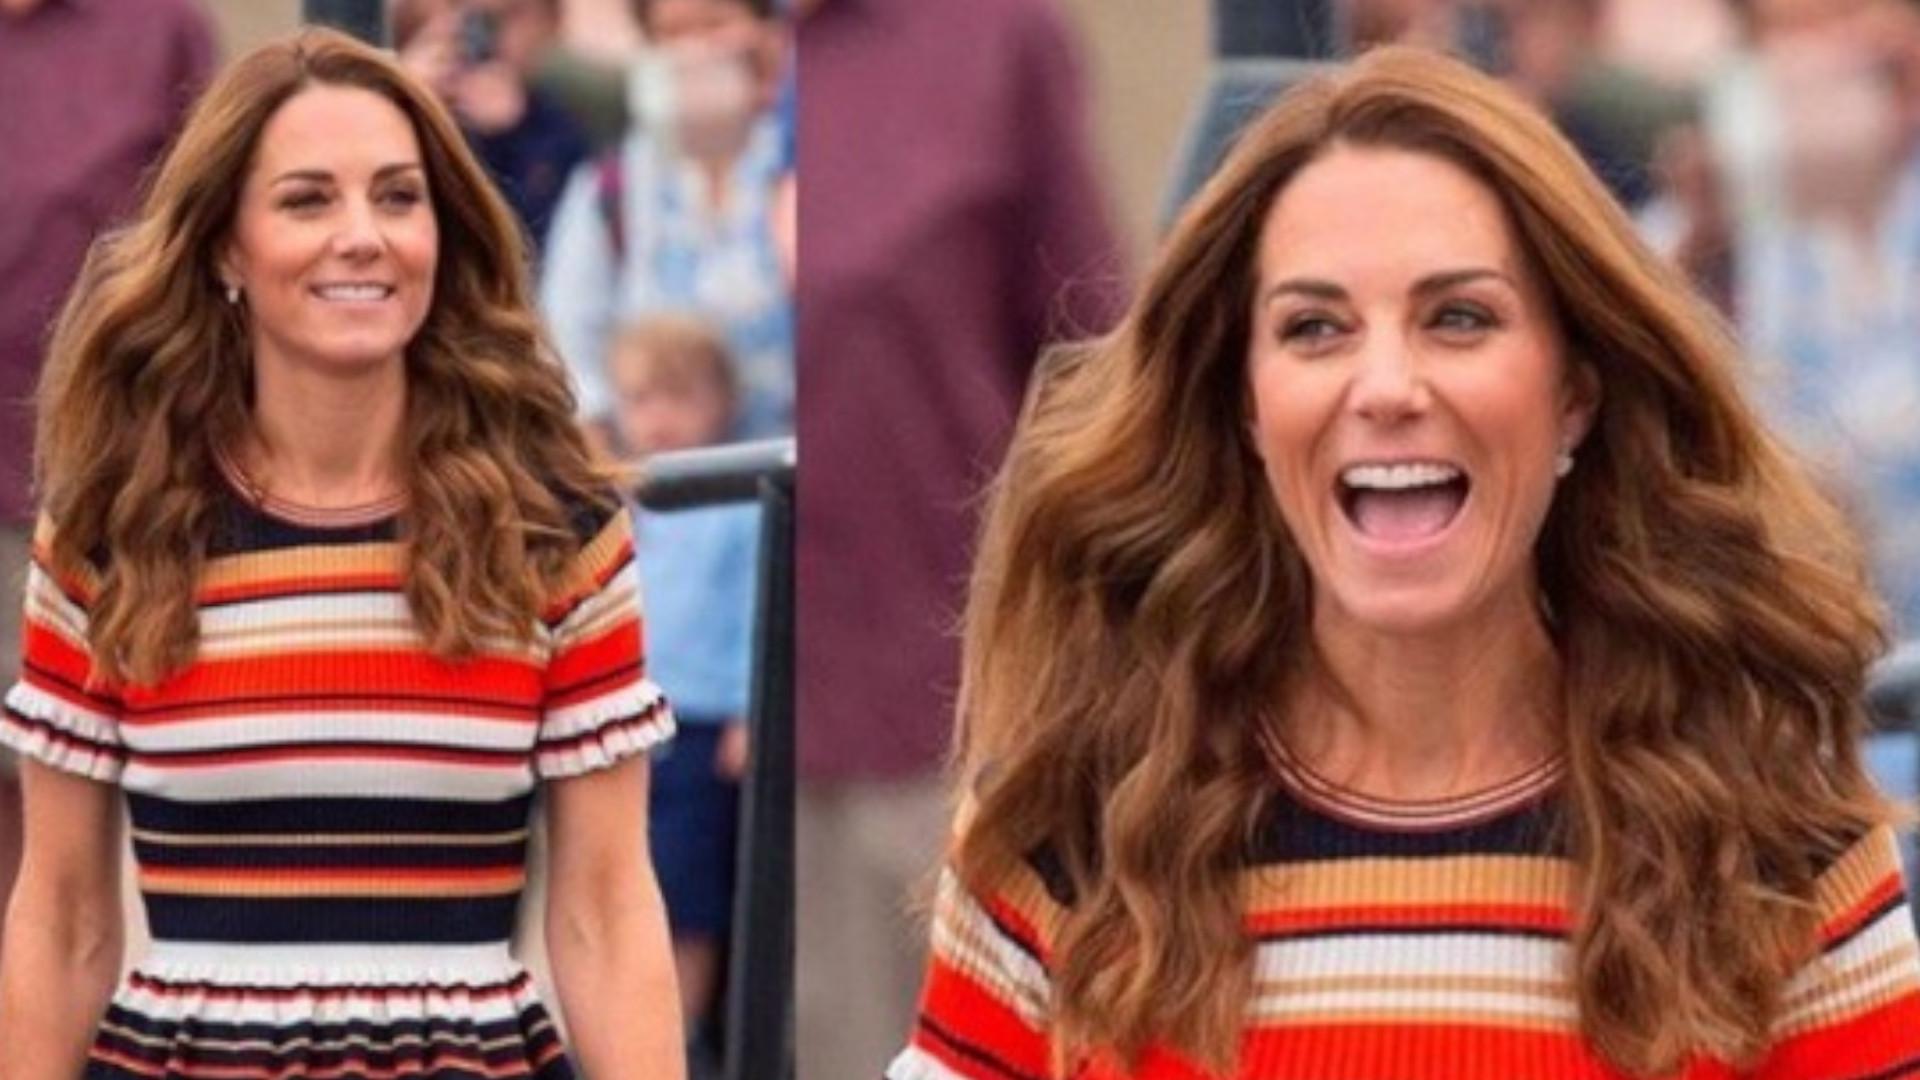 Kate Middleton w codziennej stylizacji. Znowu nas zaskoczyła stylizacją z sieciówki